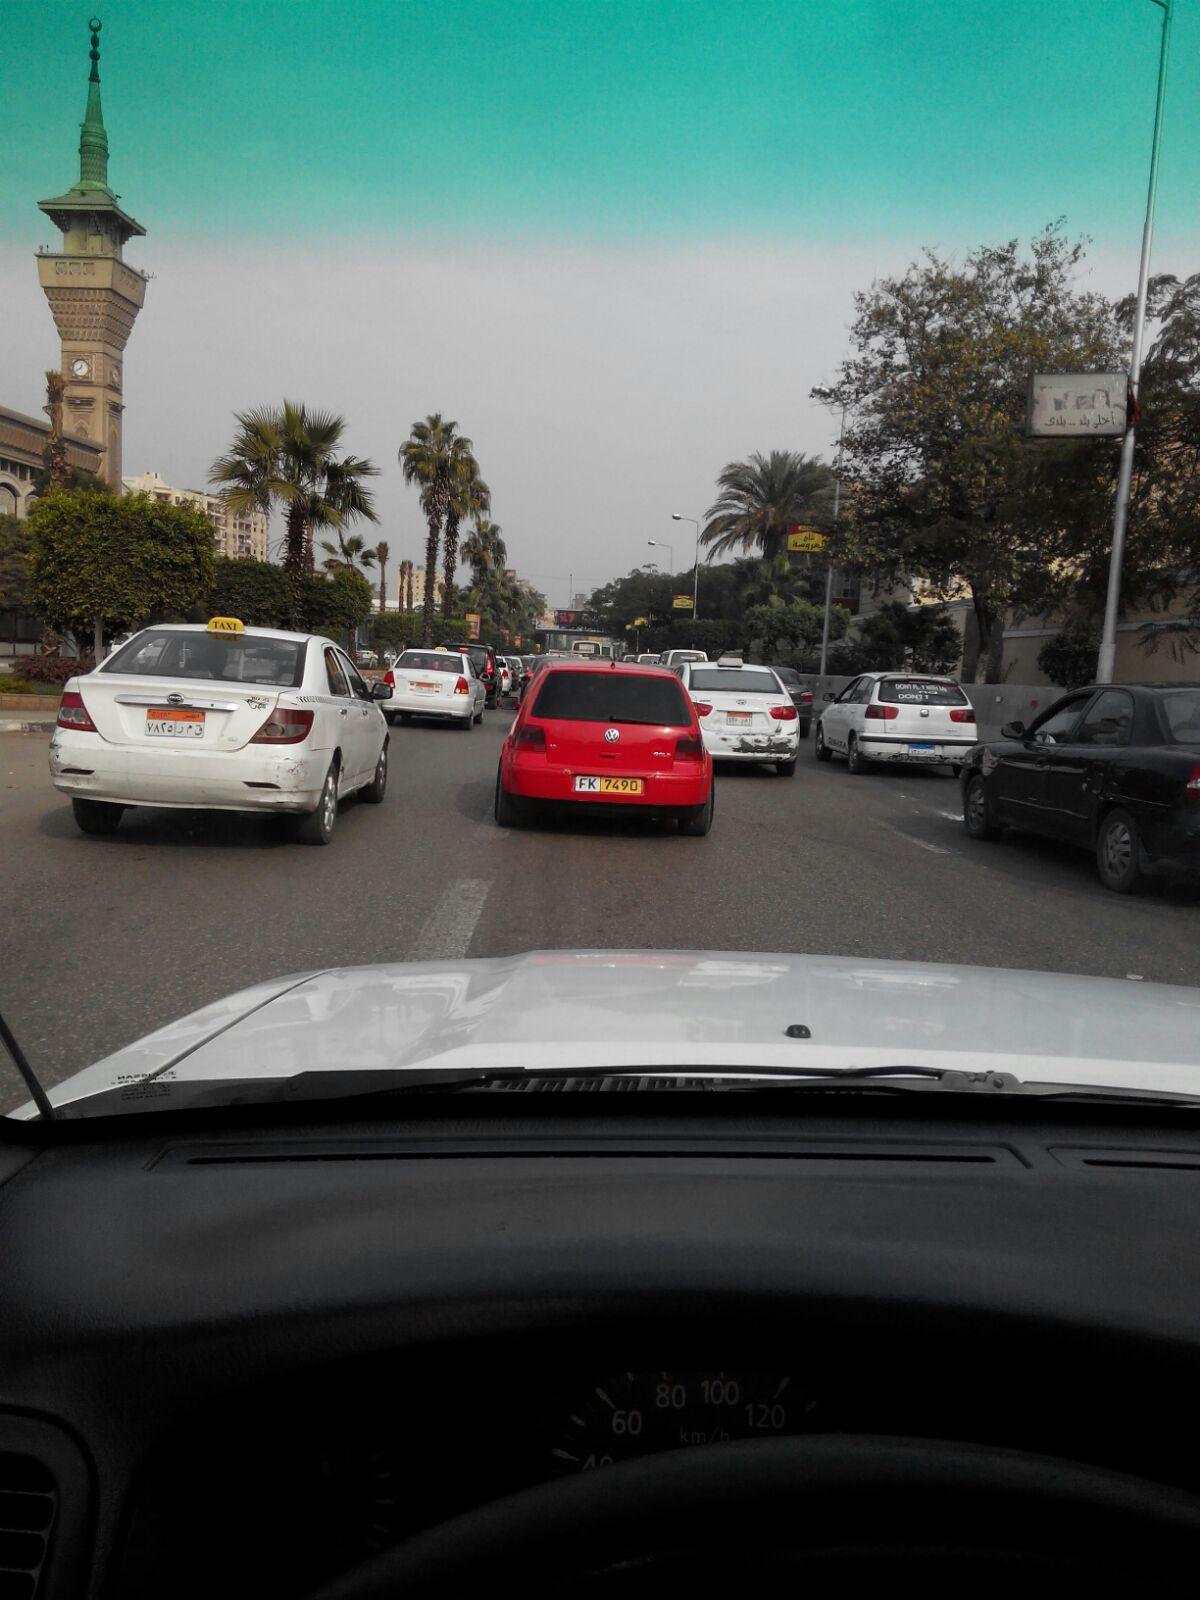 بدون لوحات وزجاج فاميه.. سيارة تتحرك بحرية في شوارع القاهرة